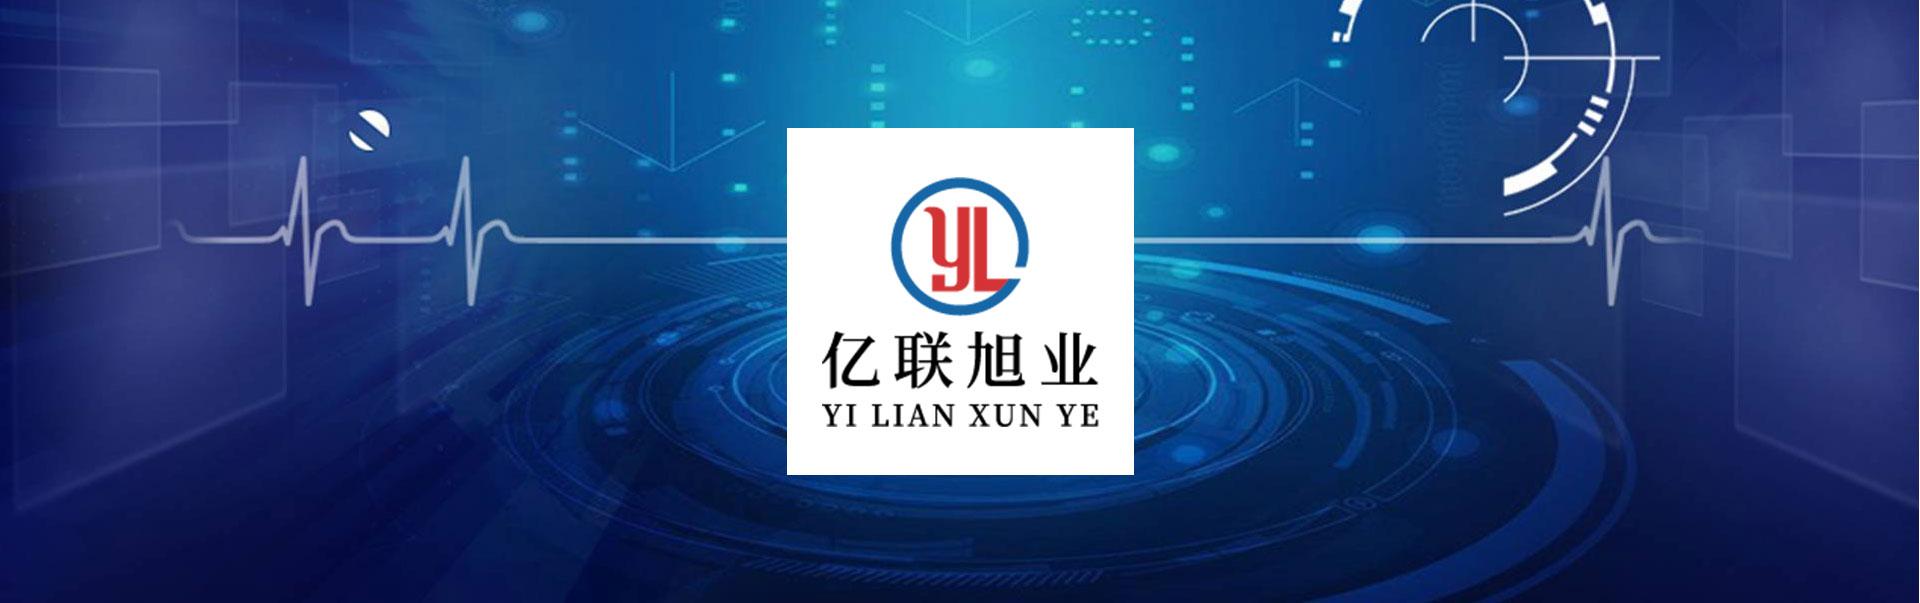 江西亿联旭业信息产业有限公司